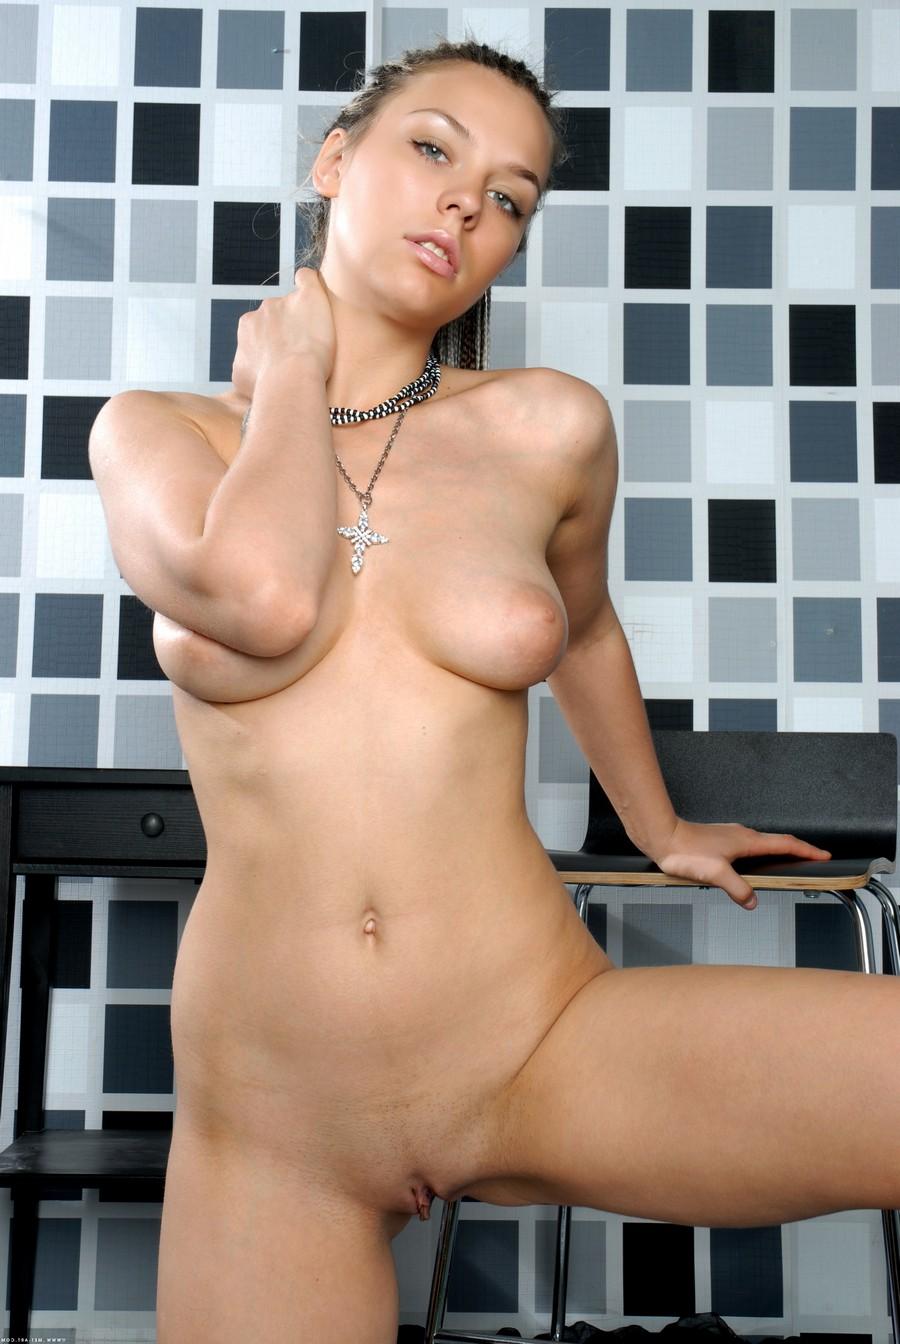 grattis erotik stor dildo